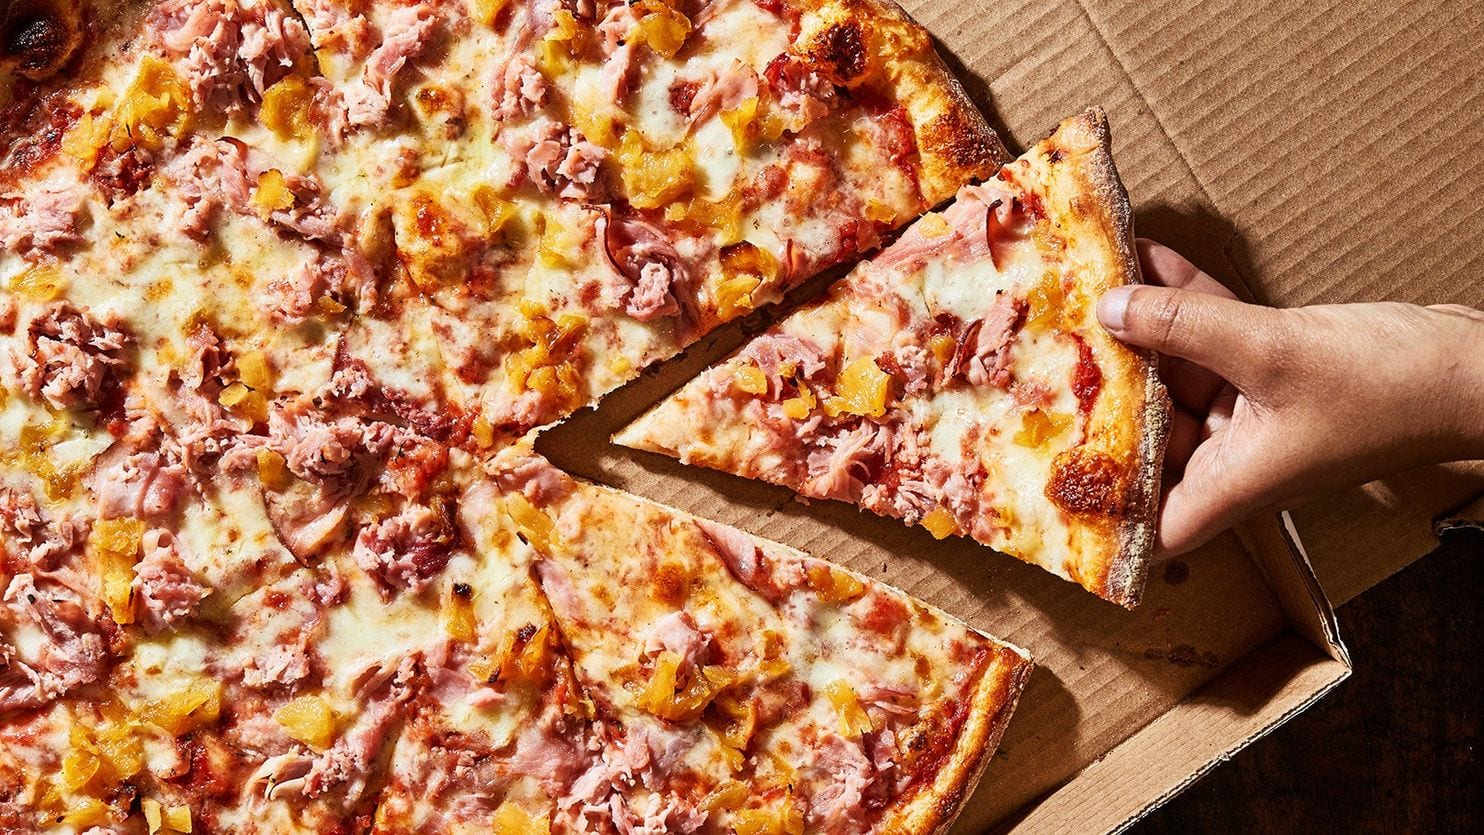 تفسير حلم اكل البيتزا للعزباء والمتزوجة والحامل